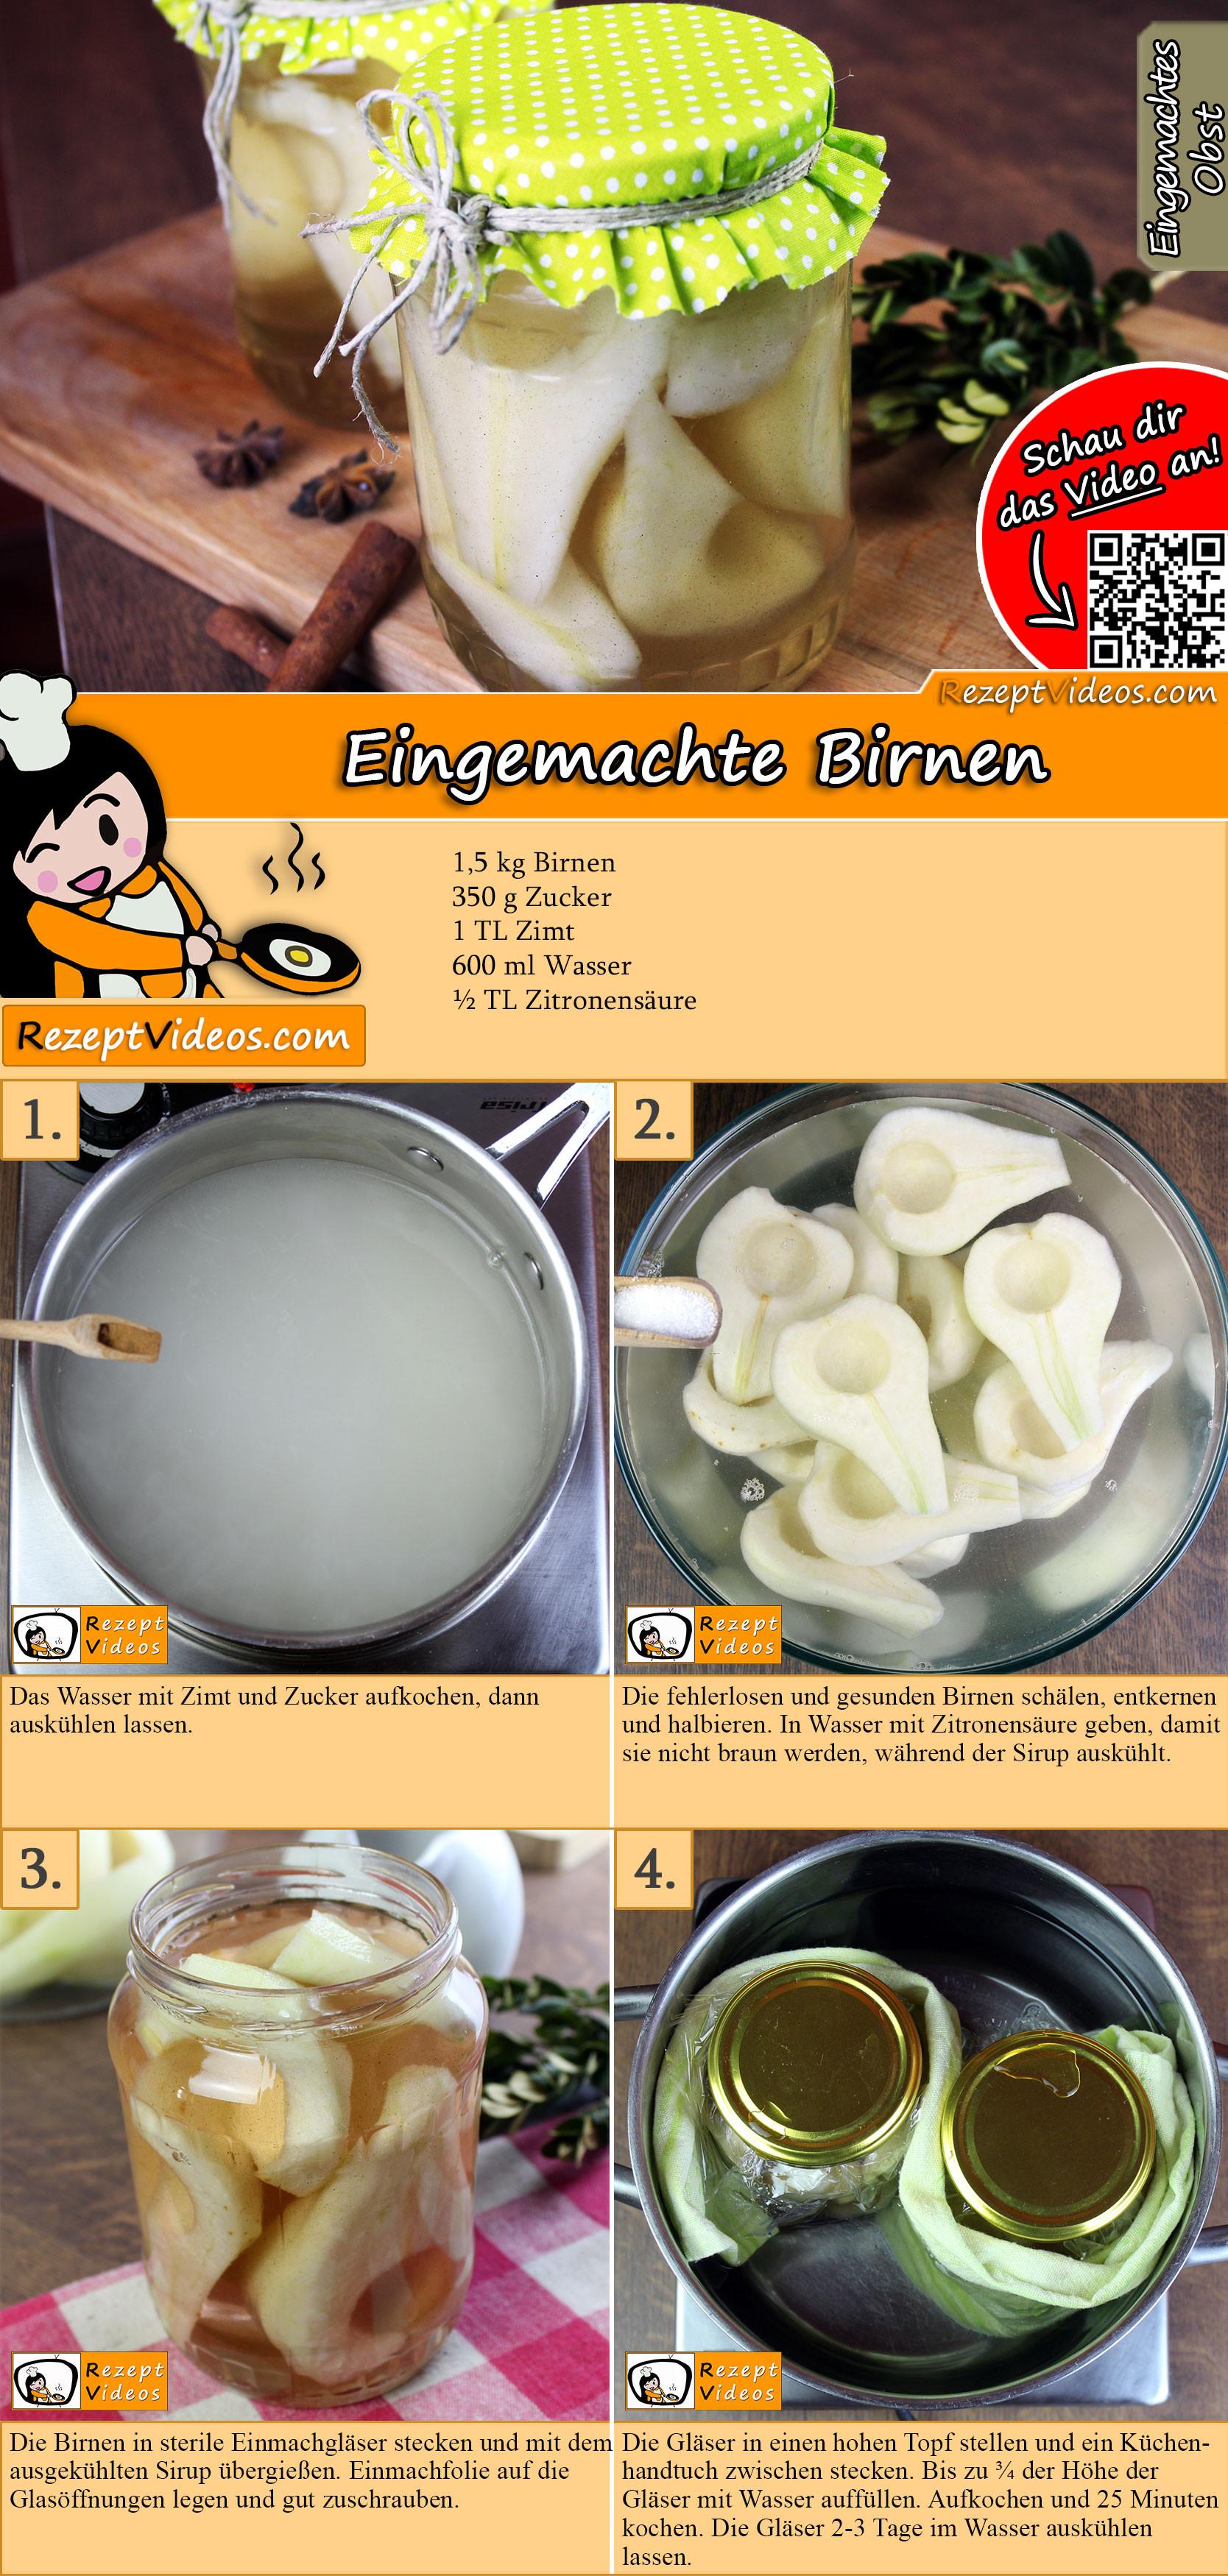 Eingemachte Birnen Rezept mit Video